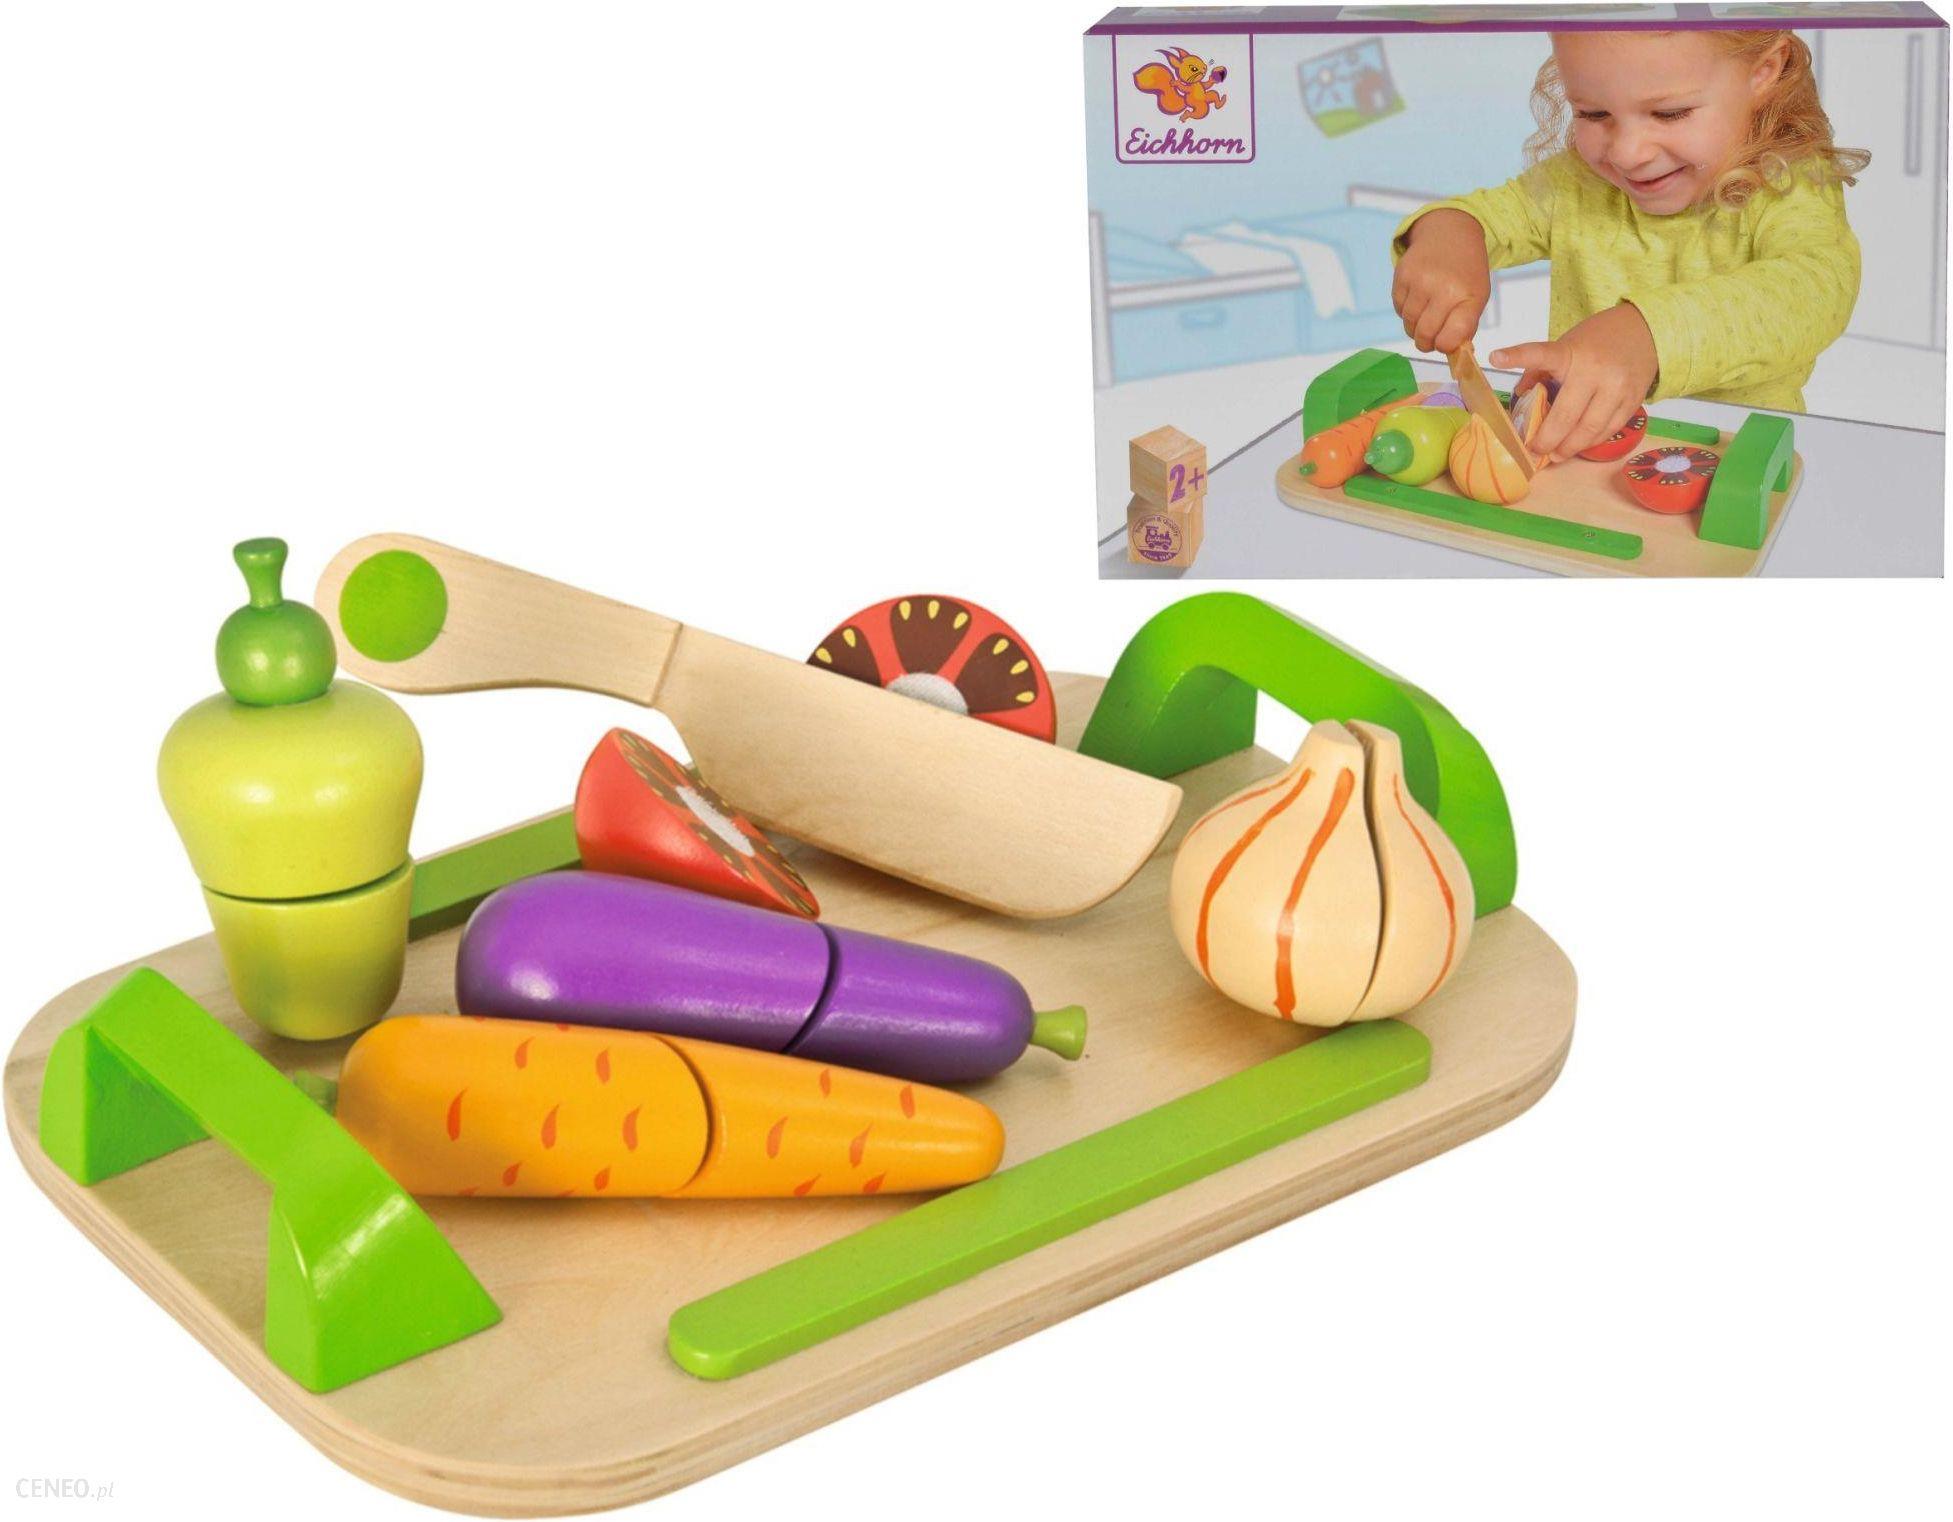 Zabawka Eichhorn Deska Do Krojenia Z Warzywami 100003722 Ceny I Opinie Ceneo Pl